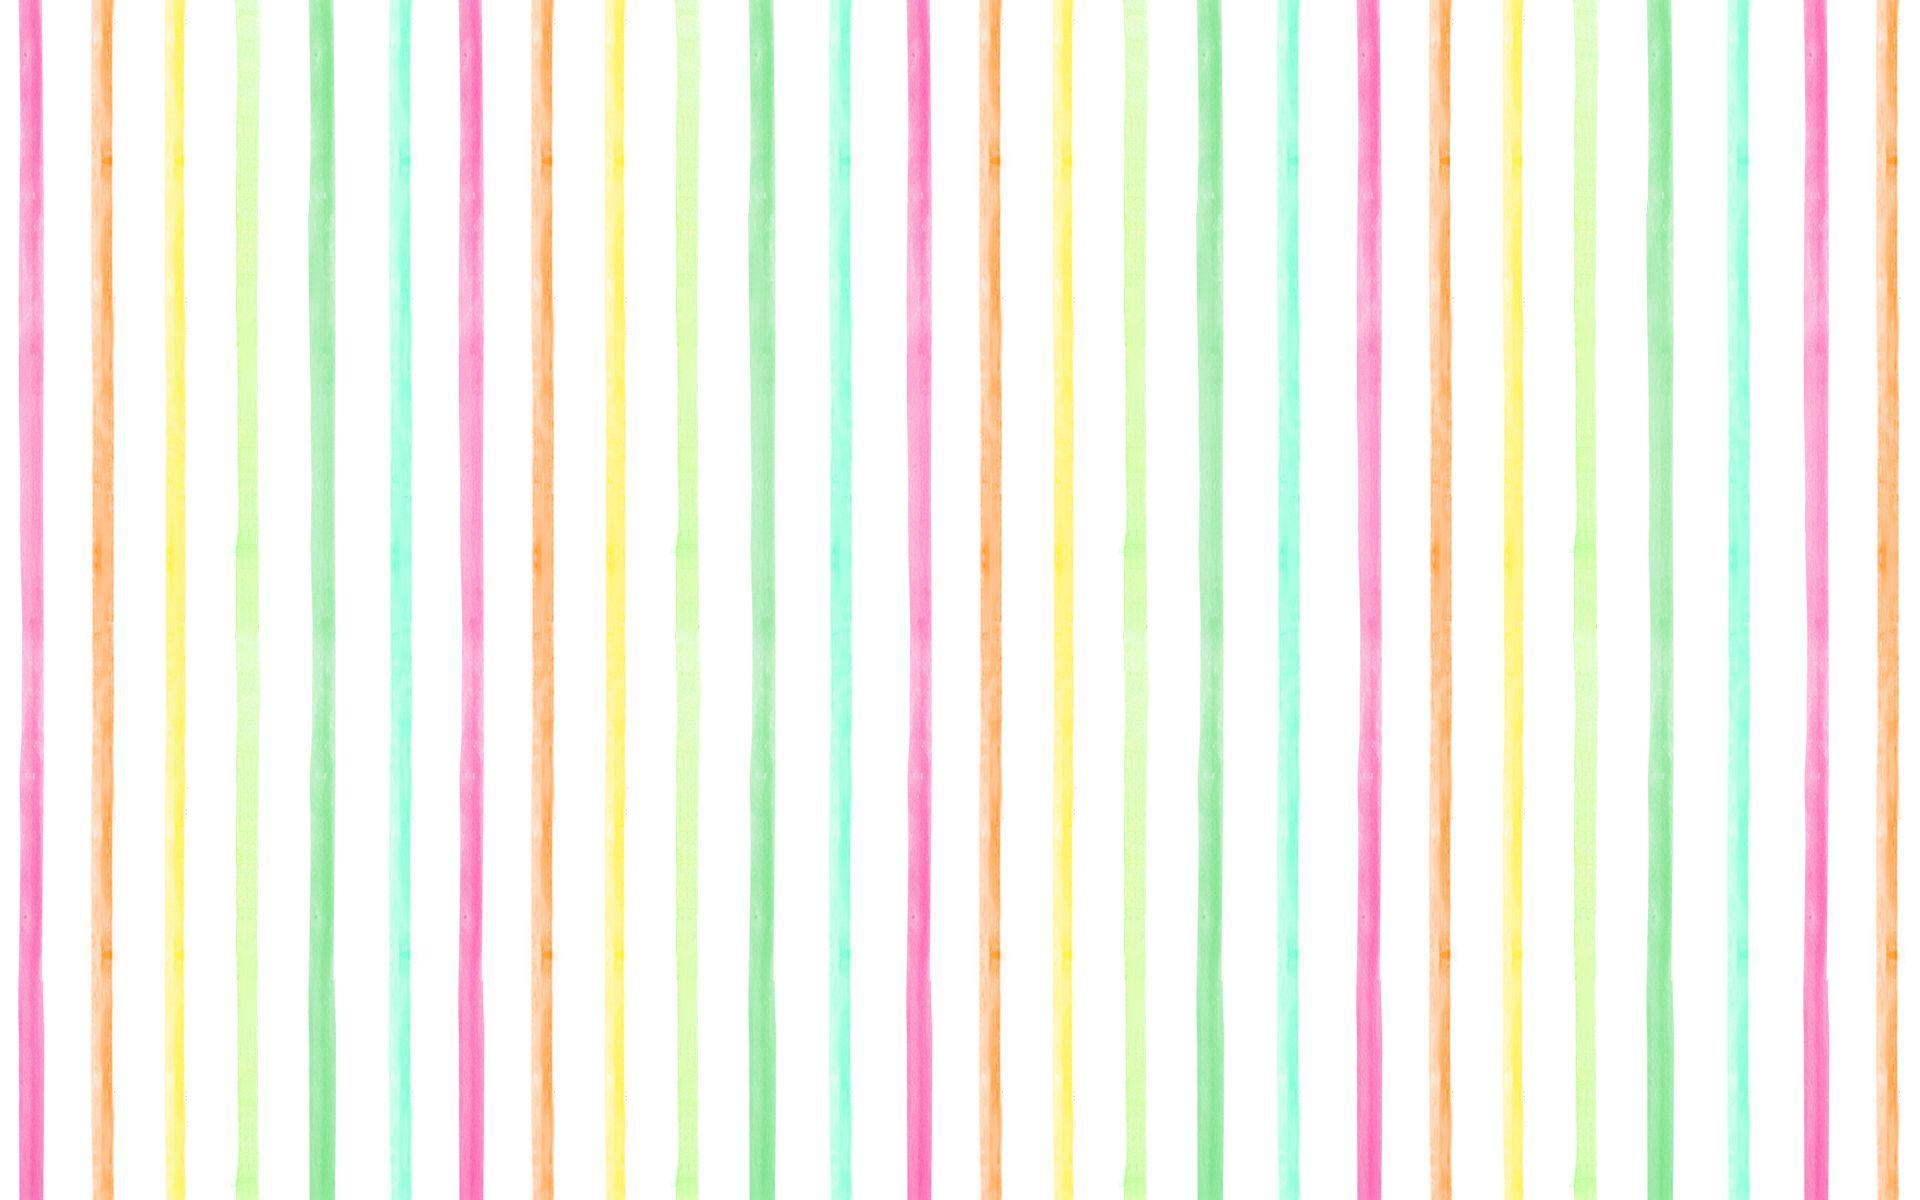 26+ Background Strip Wallpaper